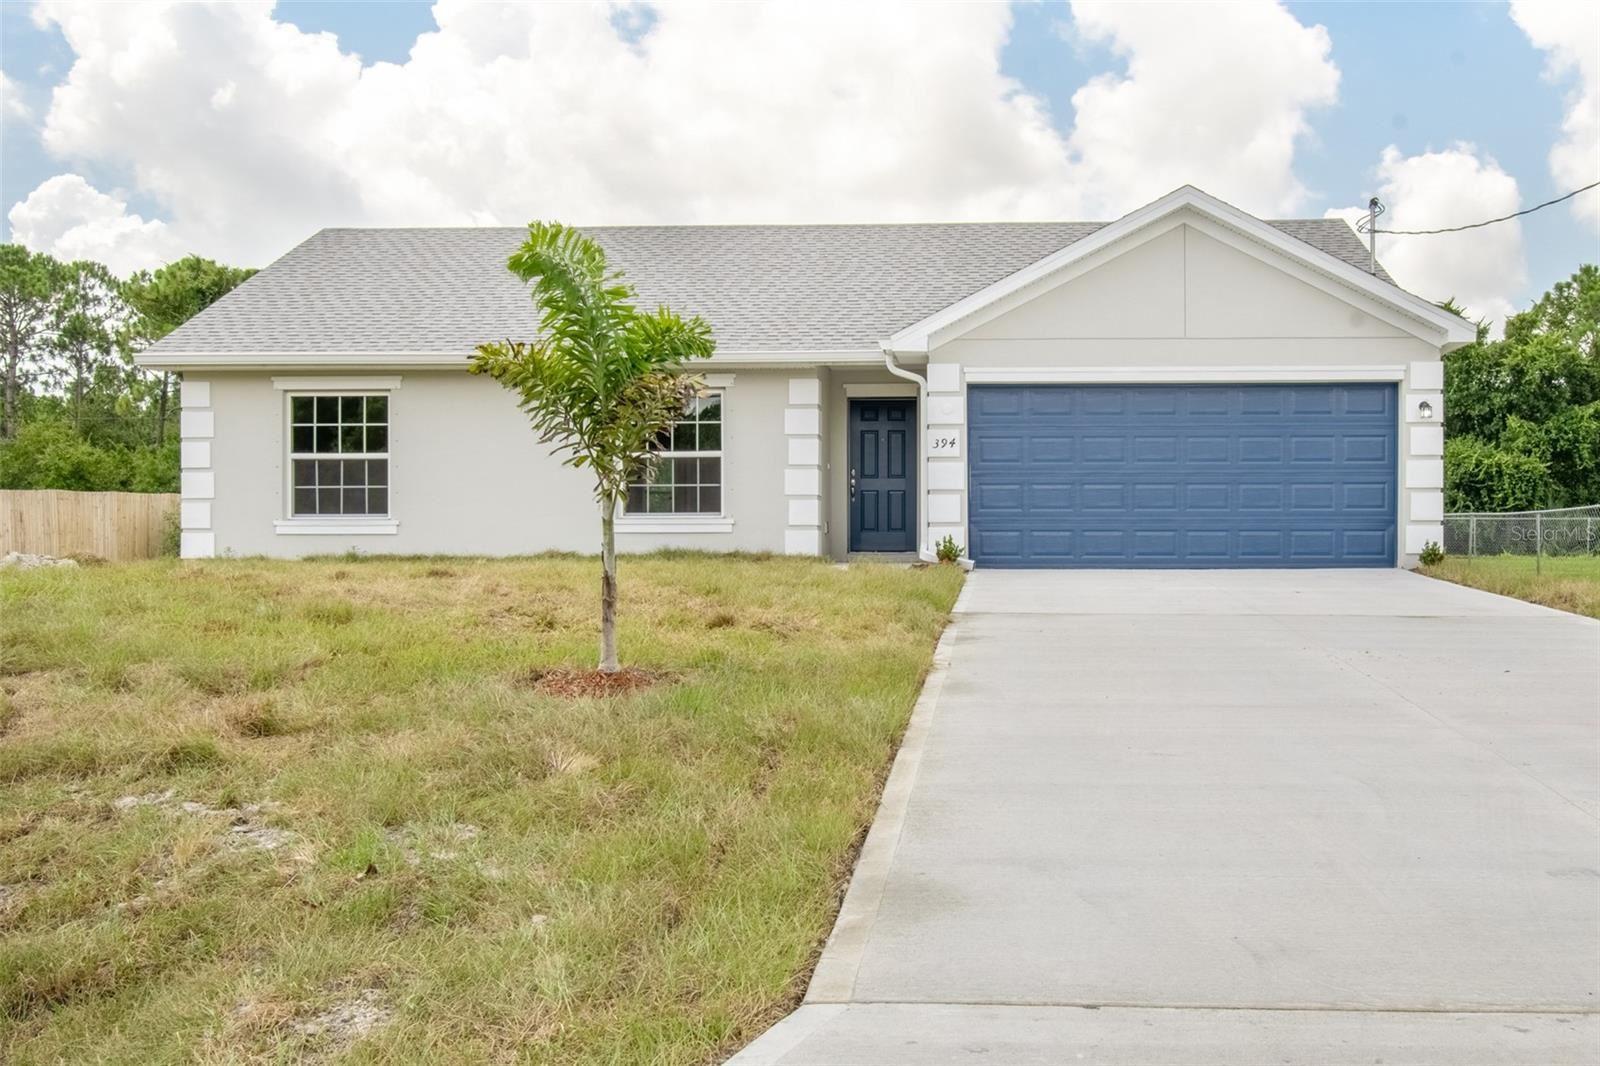 4570 SW 159 PLACE, Ocala, FL 34473 - MLS#: O5894232